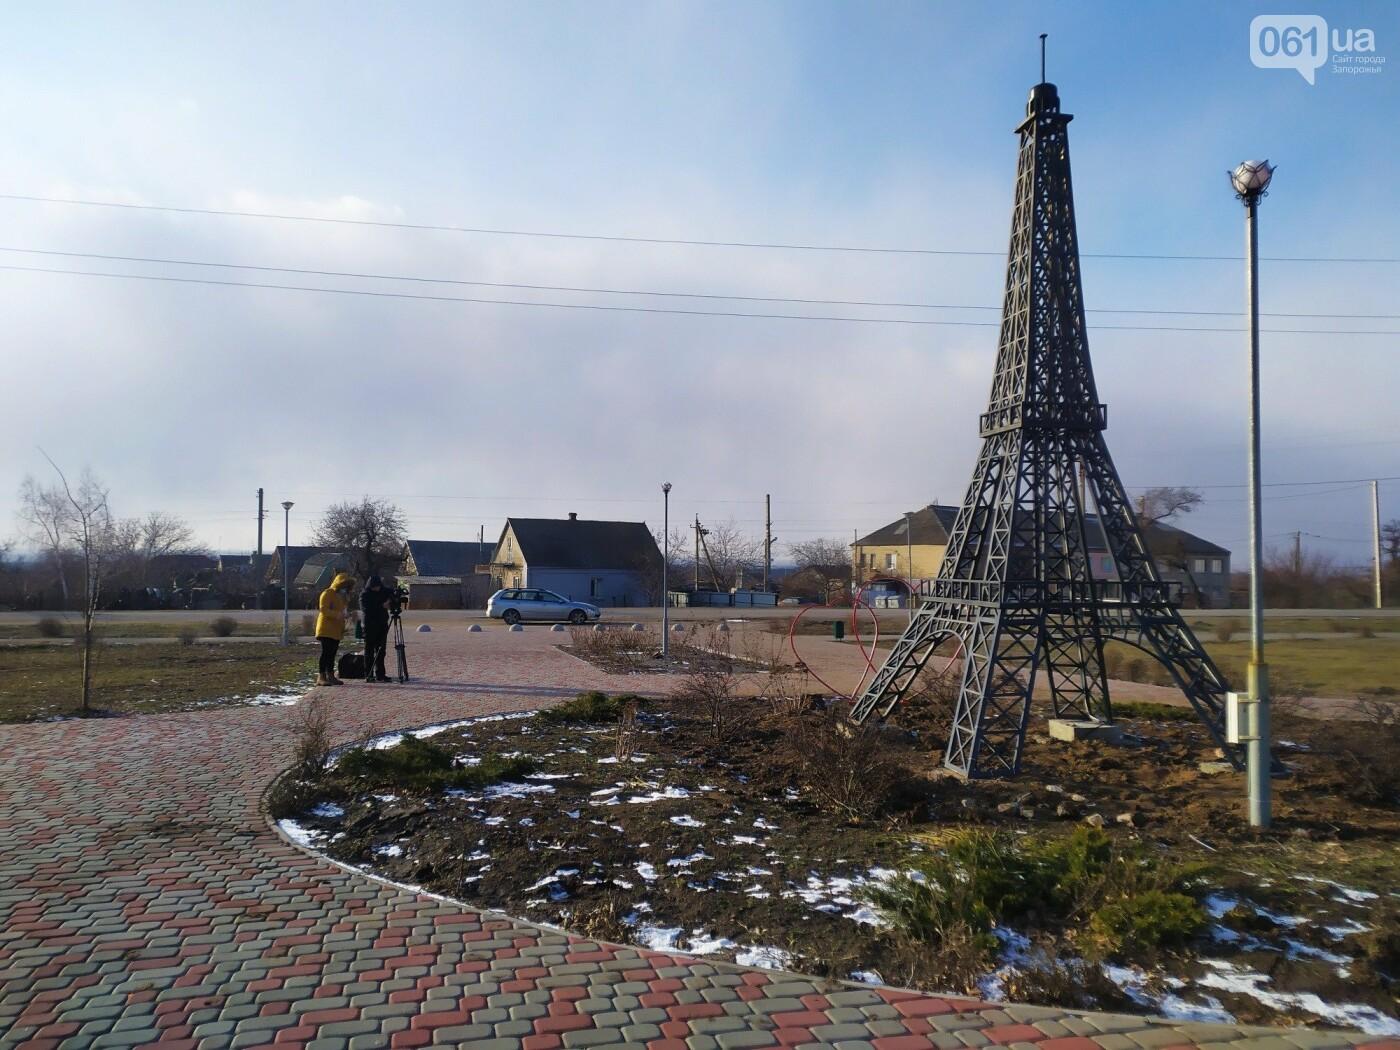 В громаде под Запорожьем установили мини-копию Эйфелевой башни, - ФОТОФАКТ , фото-4